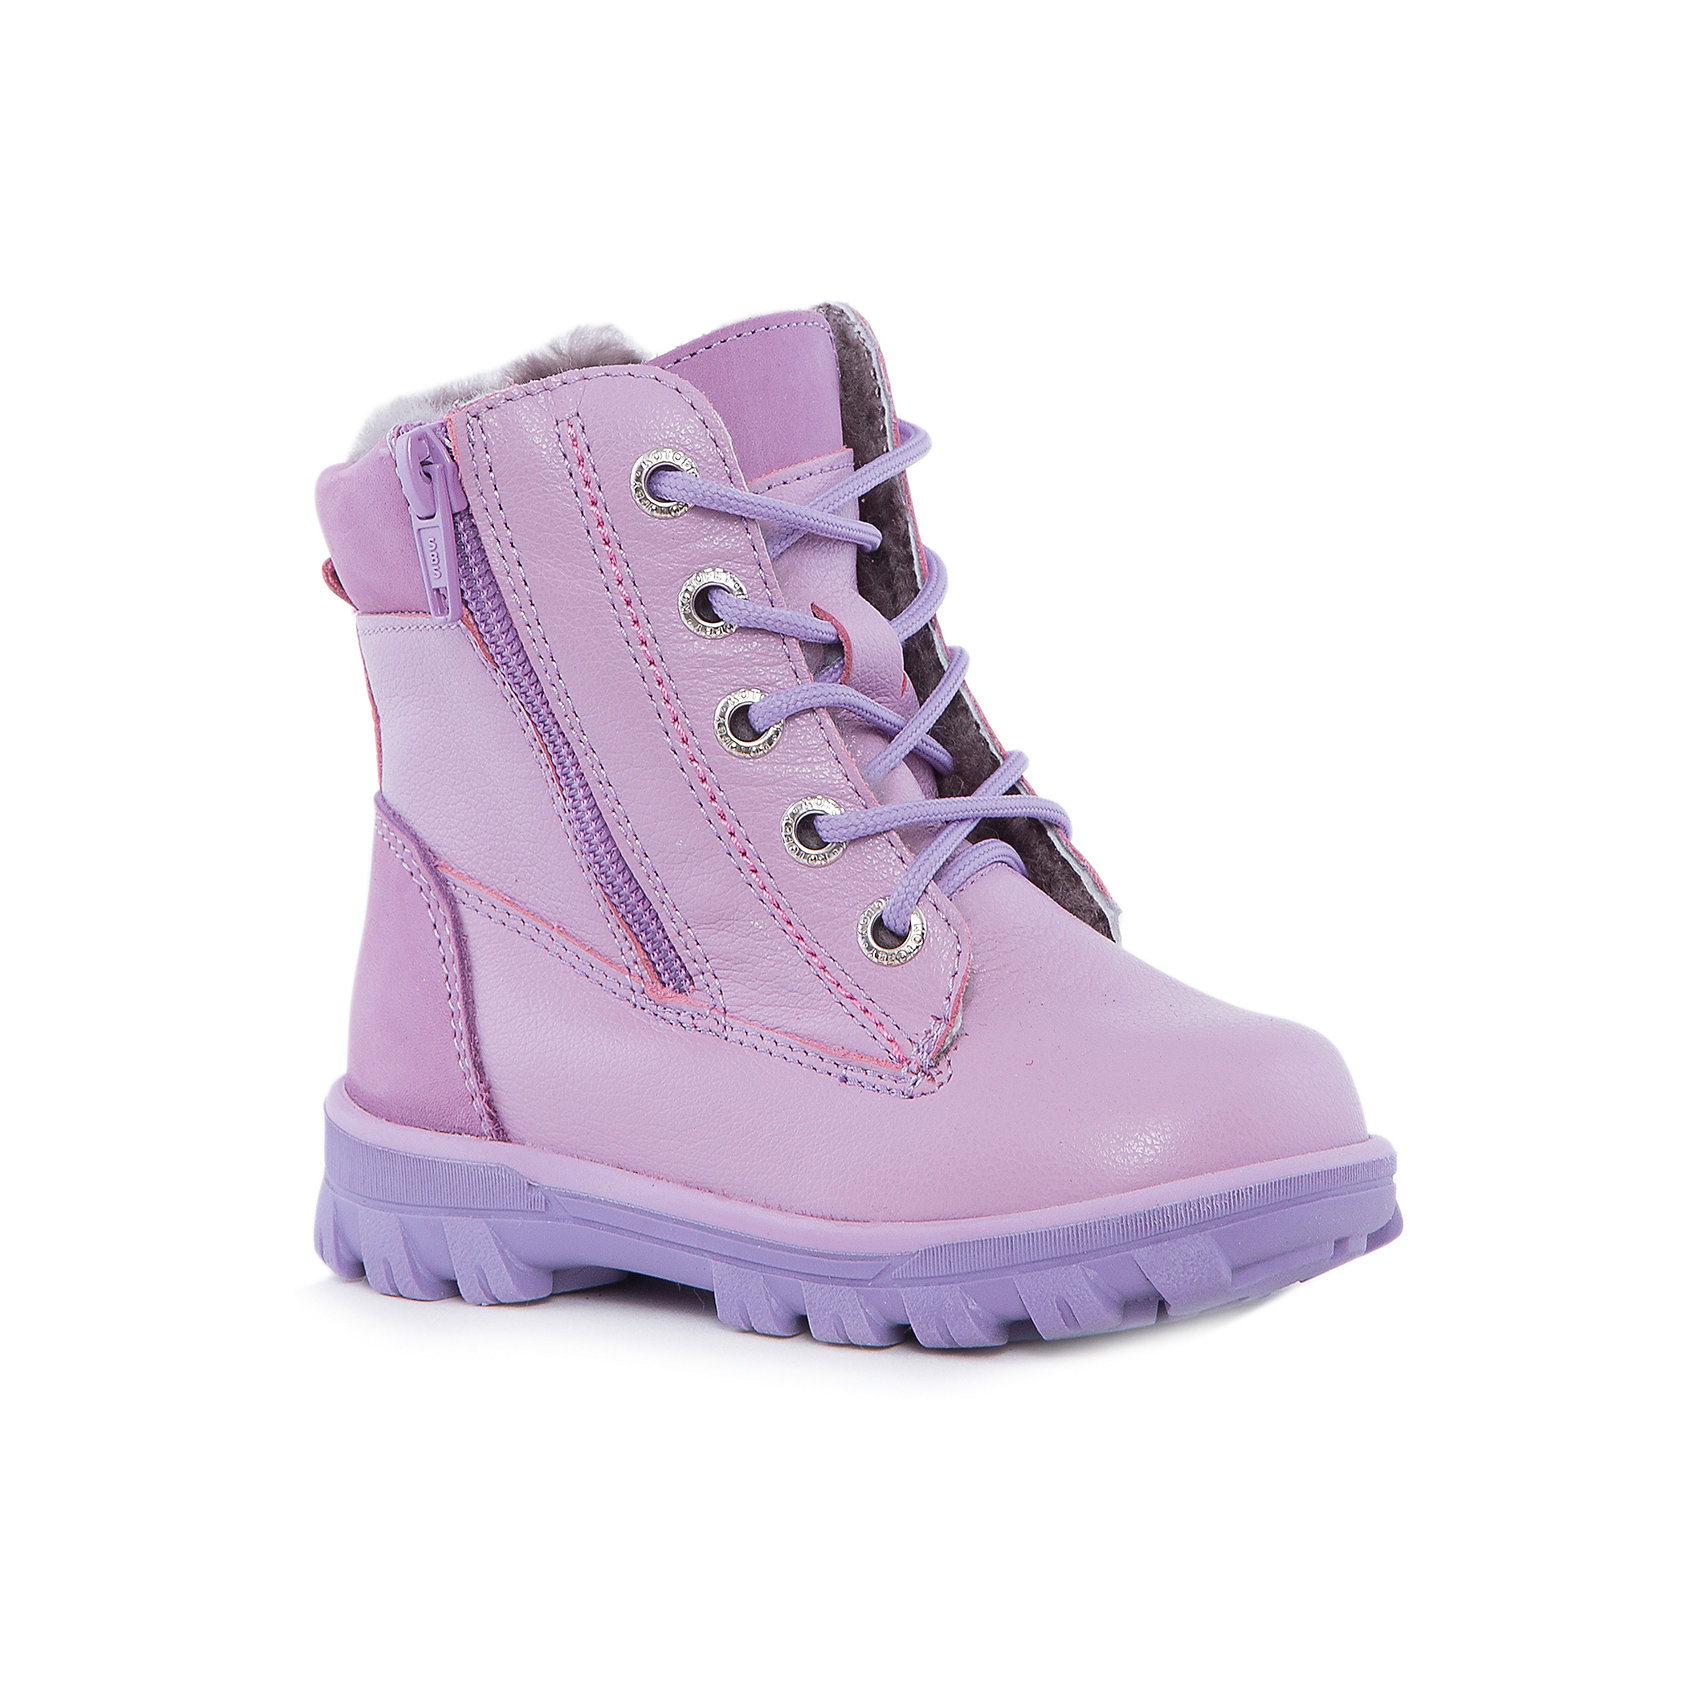 Ботинки для девочки КотофейБотинки<br>Котофей – качественная и стильная детская обувь по доступным ценам. С каждым днем популярность бренда растет.  Новые зимние ботиночки – модная и удобная обувь, способная защитить от осеннего холода и дополнить стильный образ девочки. Ботиночки изготовлены из натурального материала. Тепло обеспечивают плотная кожа снаружи и овчина внутри. Высокая подошва защитит от промокания.<br><br>Дополнительная информация:<br><br>цвет: сиреневый;<br>вид крепления: на клею;<br>застежка: шнурки;<br>температурный режим: от -10 °С до +10° С.<br><br>Состав:<br>верх – плотная кожа;<br>подклад – овчина;<br>материал подошвы – ТЭП.<br><br>Зимние ботиночки для девочек дошкольного возраста из кожи от фирмы Котофей можно приобрести у нас в магазине.<br><br>Ширина мм: 262<br>Глубина мм: 176<br>Высота мм: 97<br>Вес г: 427<br>Цвет: лиловый<br>Возраст от месяцев: 48<br>Возраст до месяцев: 60<br>Пол: Женский<br>Возраст: Детский<br>Размер: 28,29,27,26,25<br>SKU: 4982120